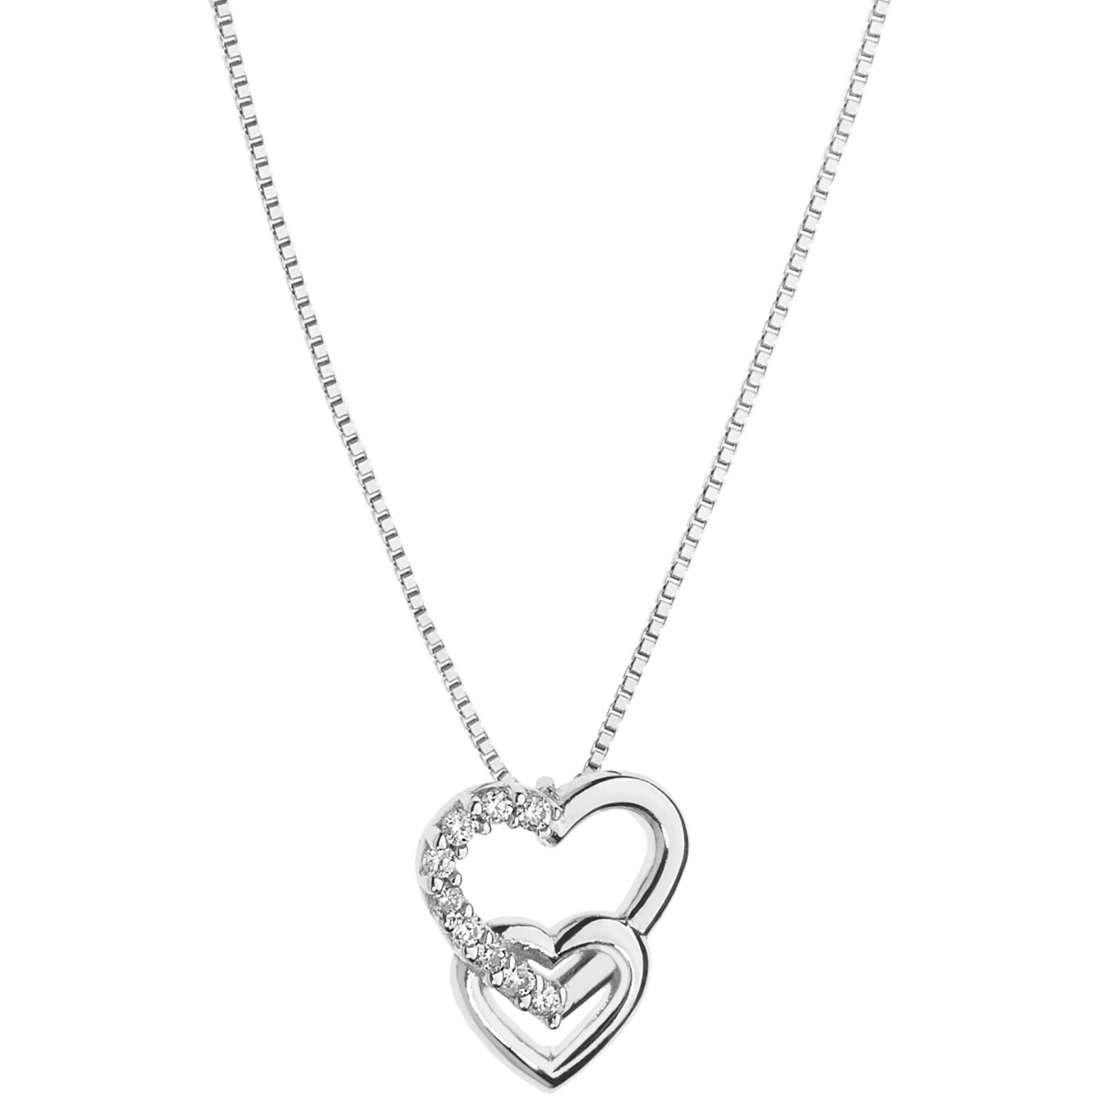 collana comete pendente doppio cuore intrecciato oro bianco e diamanti